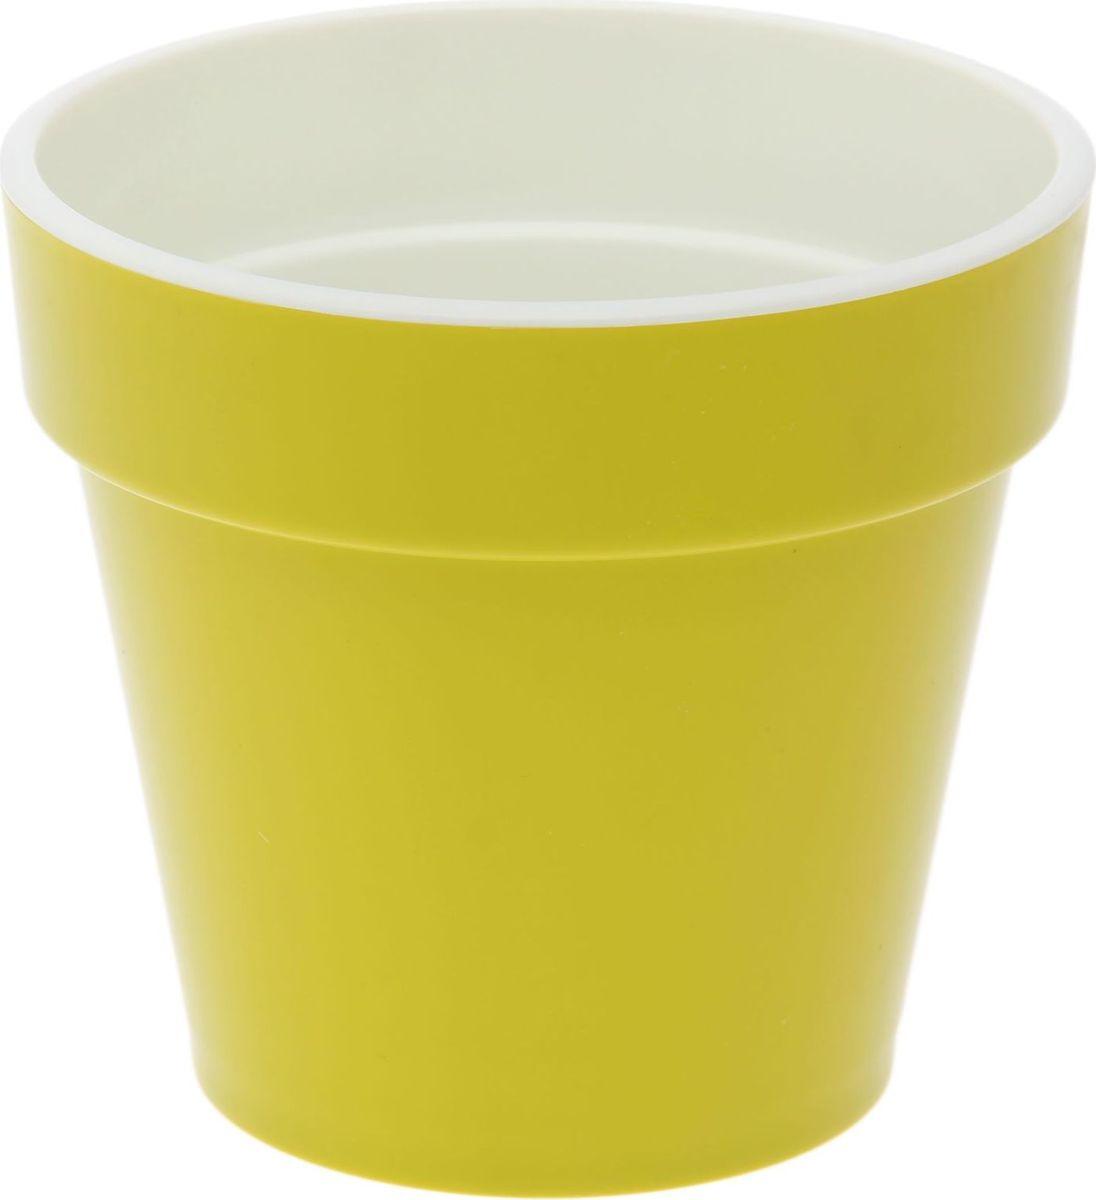 Кашпо JetPlast Порто, со вставкой, цвет: фисташковый, 2,4 л531-402Кашпо Порто классической формы с внутренней вставкой-горшком. Дренажная вставка позволяет легко поливать растения без использования дополнительного поддона. Вместительный объем кашпо позволяет высаживать самые разнообразные растения, а съемная вставка избавит вас от грязи и подчеркнет красоту цветка. Оно изготовлено из прочного полипропилена (пластика). Такое кашпо порадует вас функциональностью, а благодаря лаконичному дизайну впишется в любой интерьер помещения. Объем кашпо: 2,4 л.